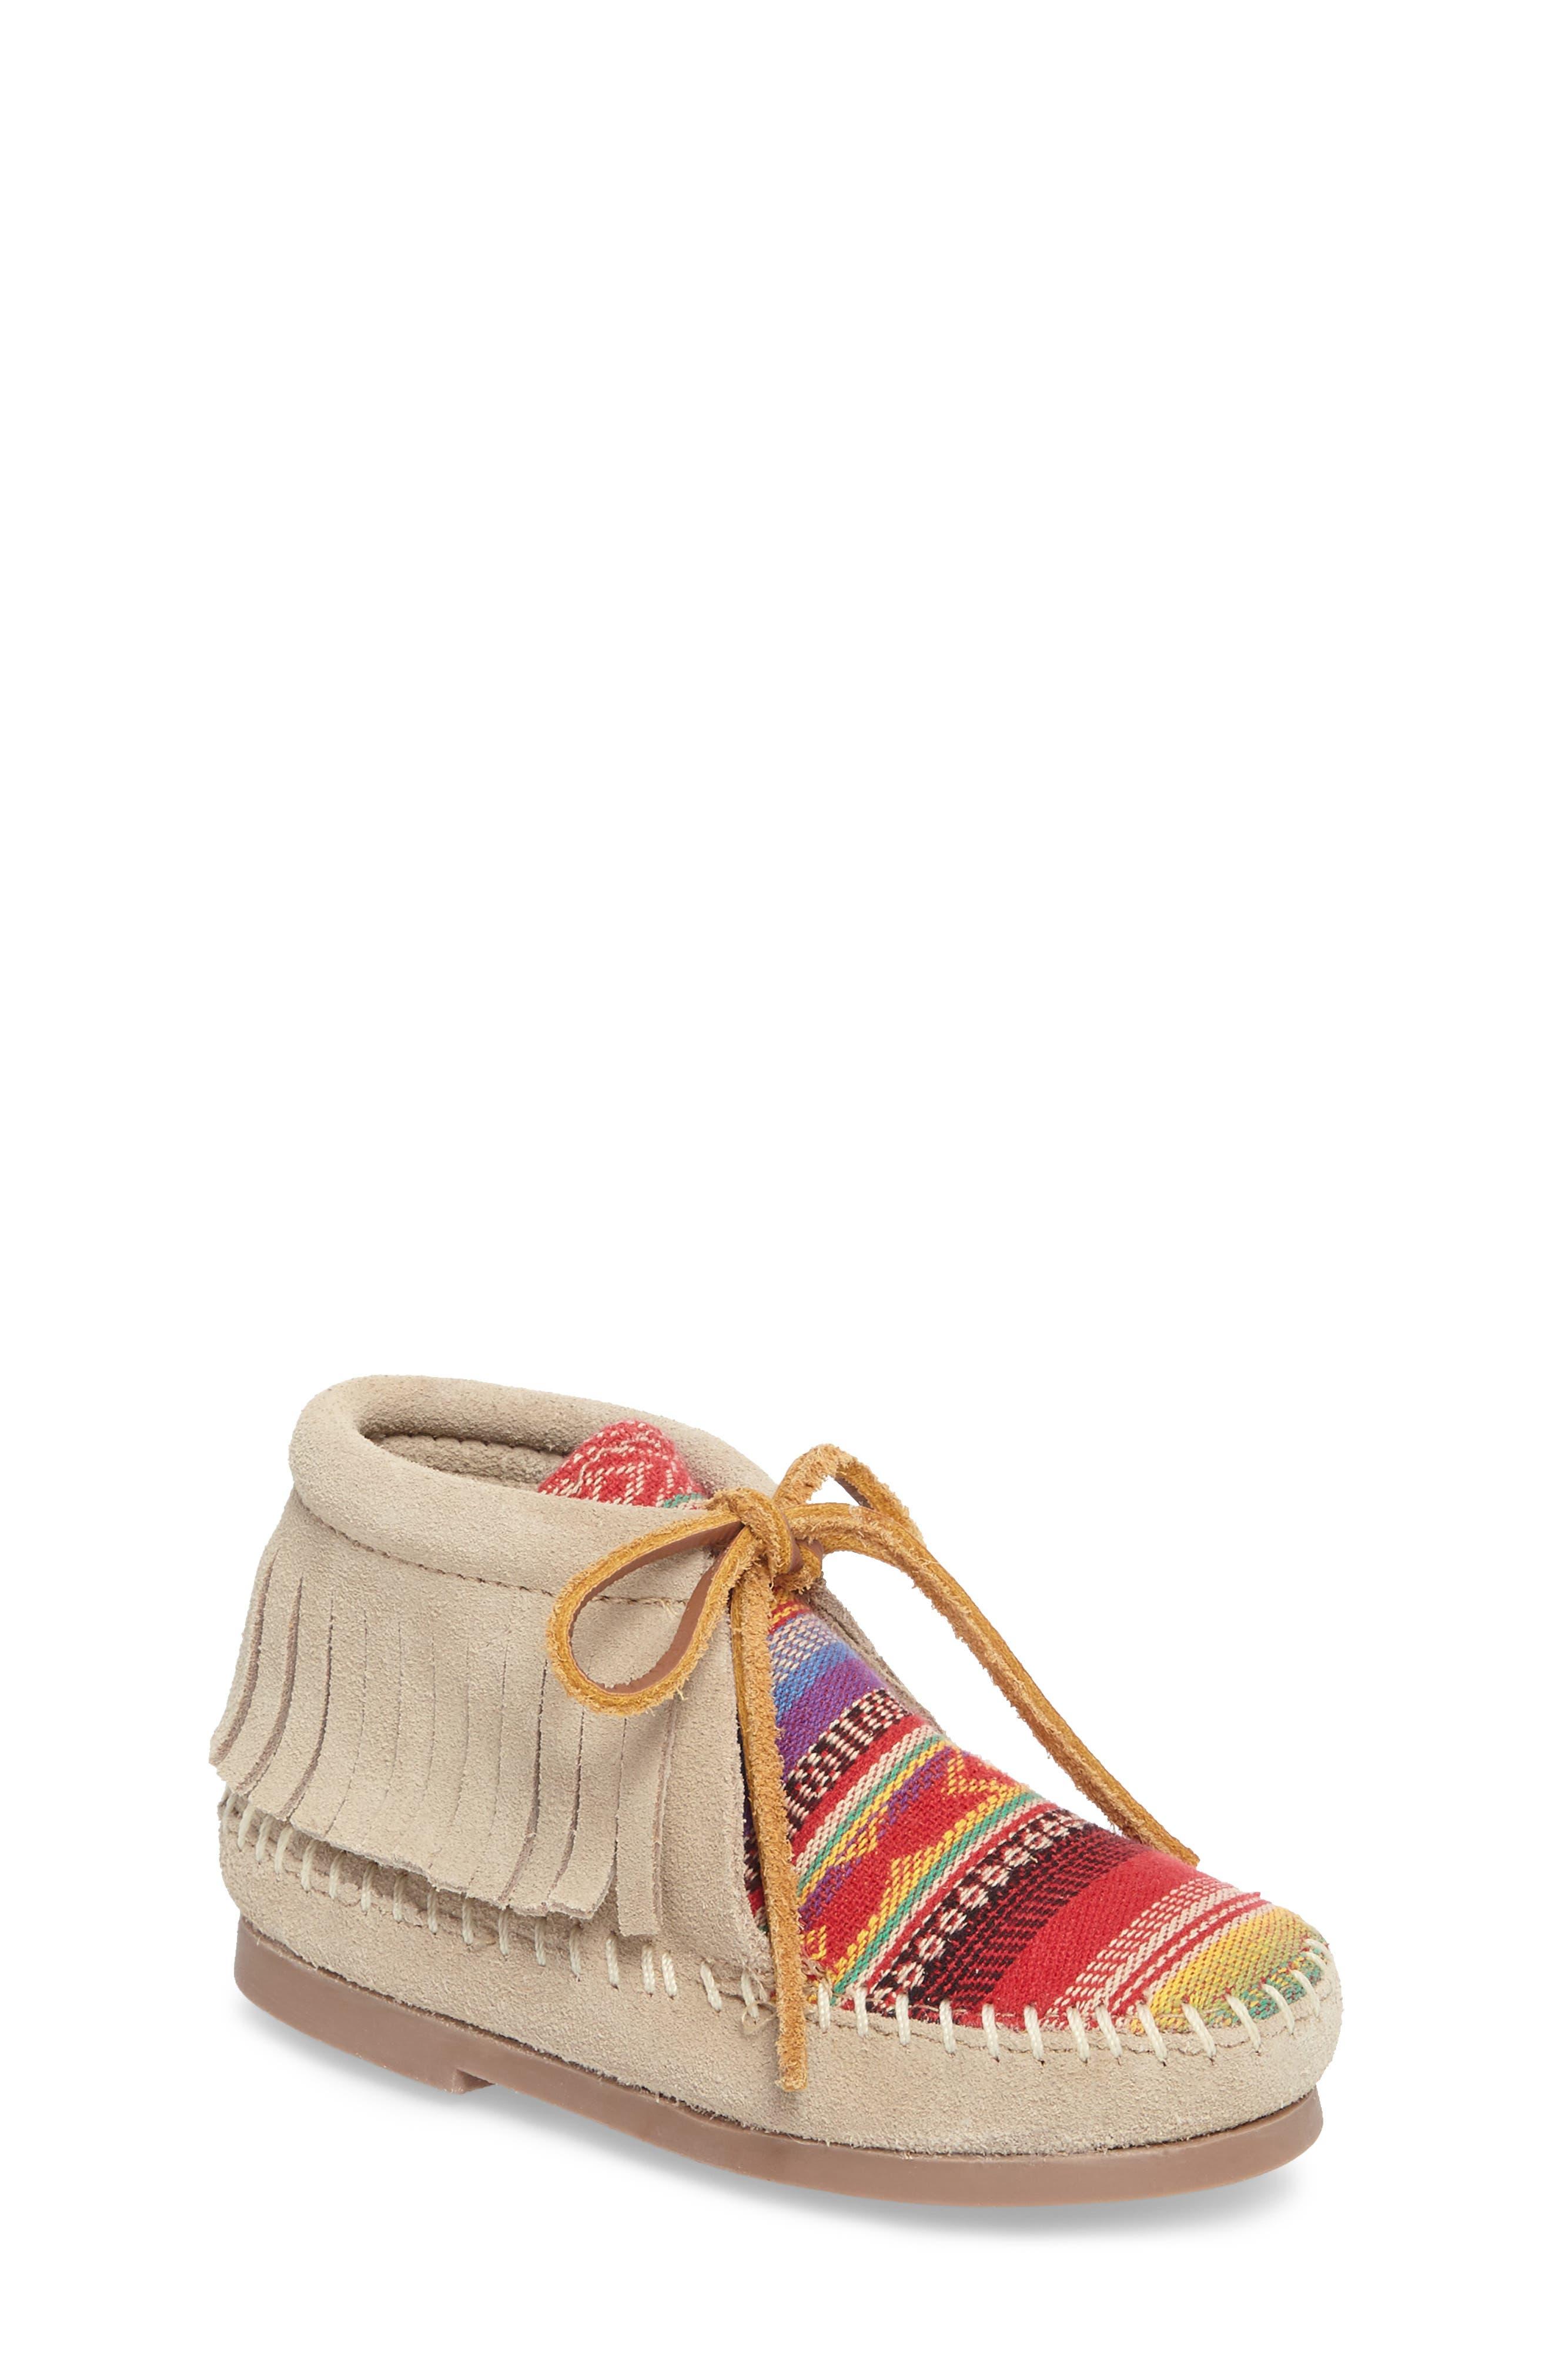 MINNETONKA Frisco Chukka Boot, Main, color, 280